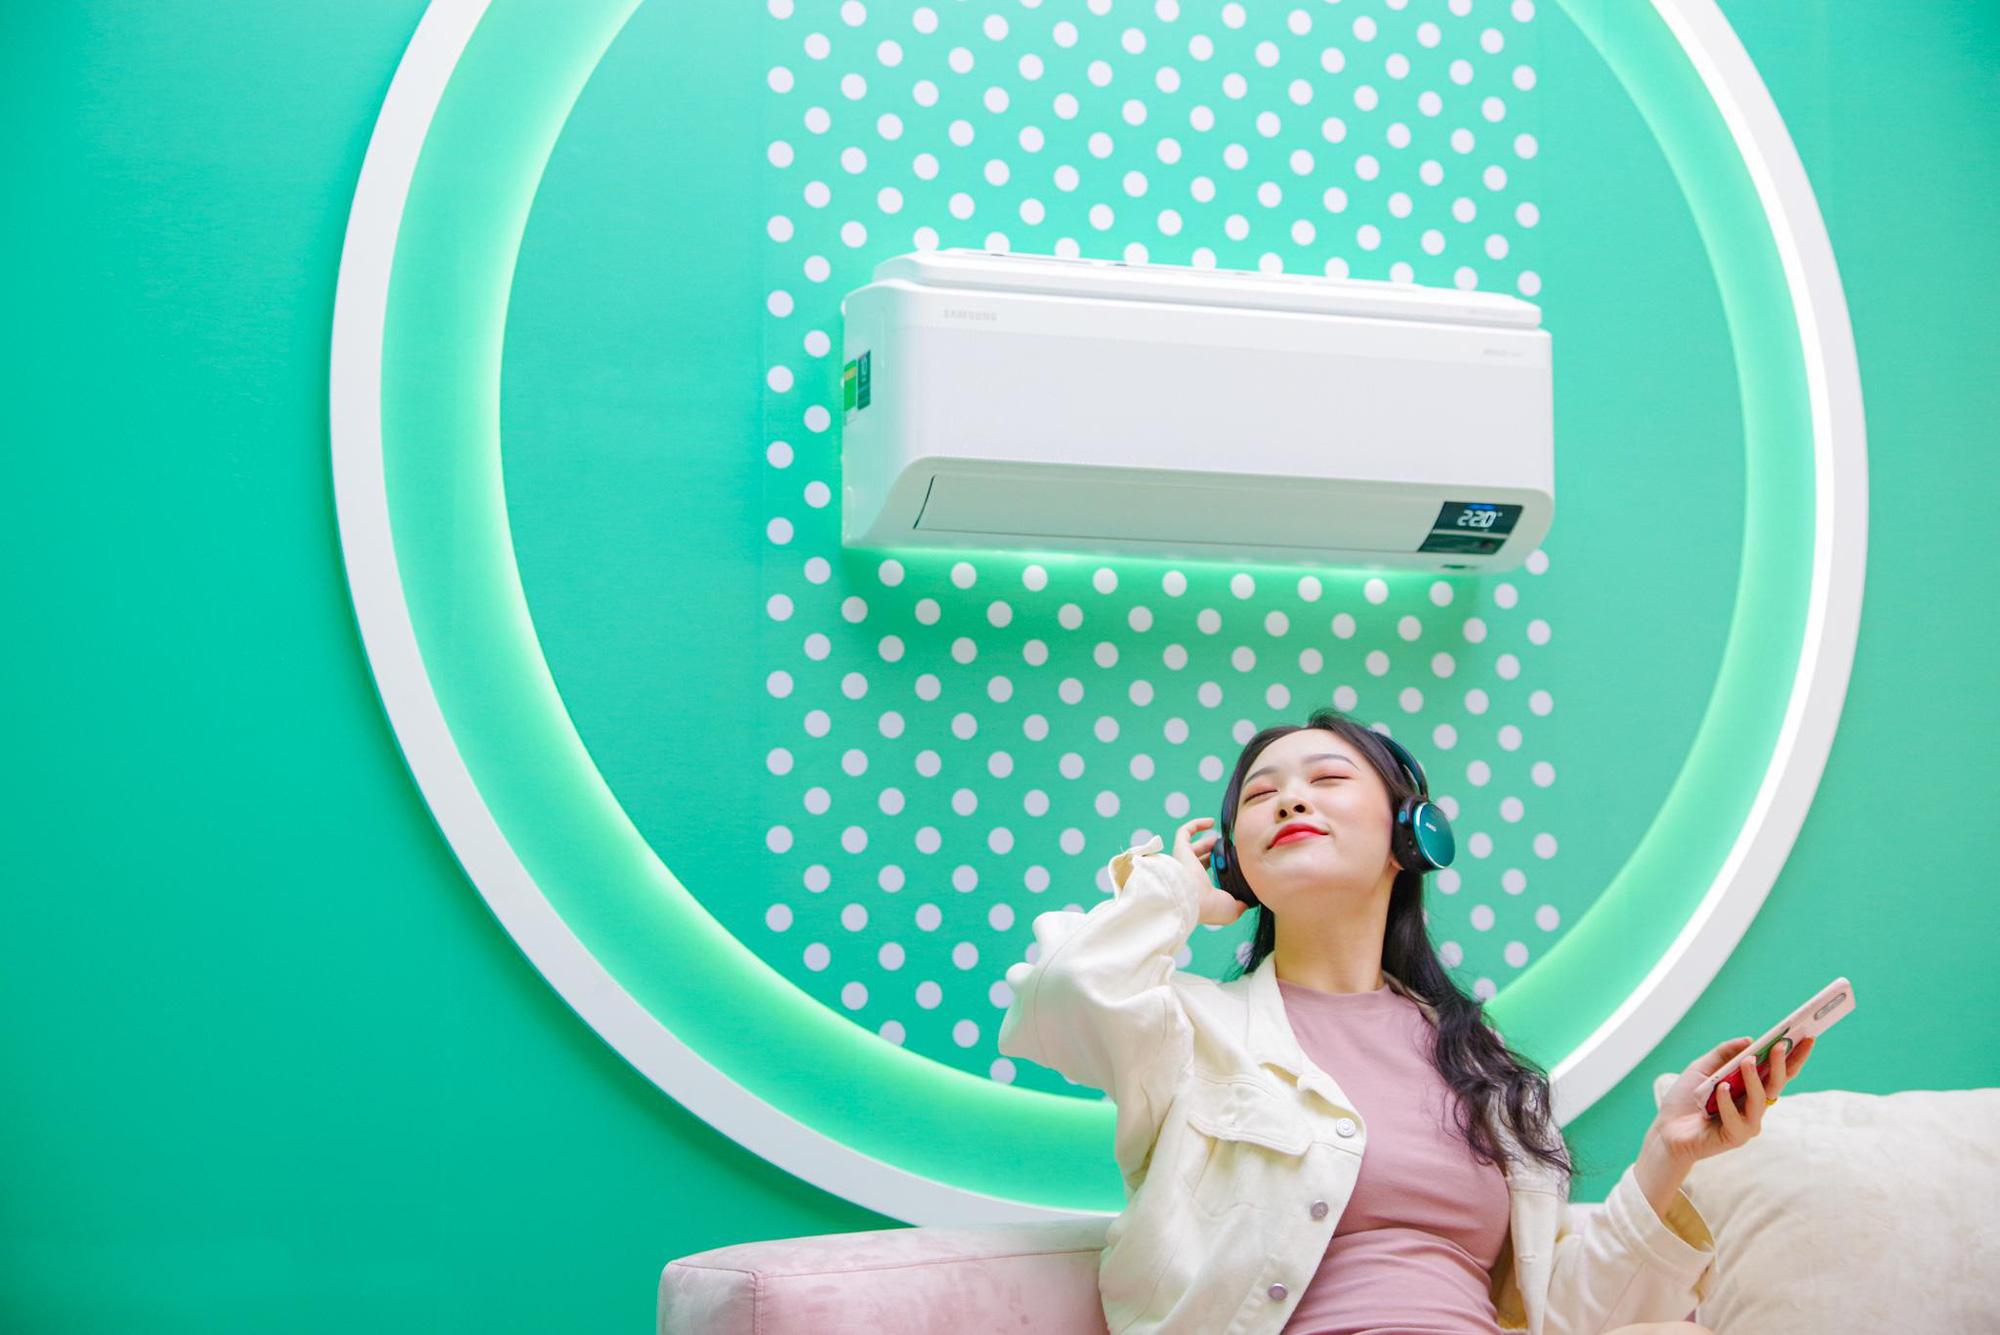 Trải nghiệm thực tế chiếc máy lạnh không gió buốt của Samsung: phát minh thú vị giờ mới phổ biến - Ảnh 5.